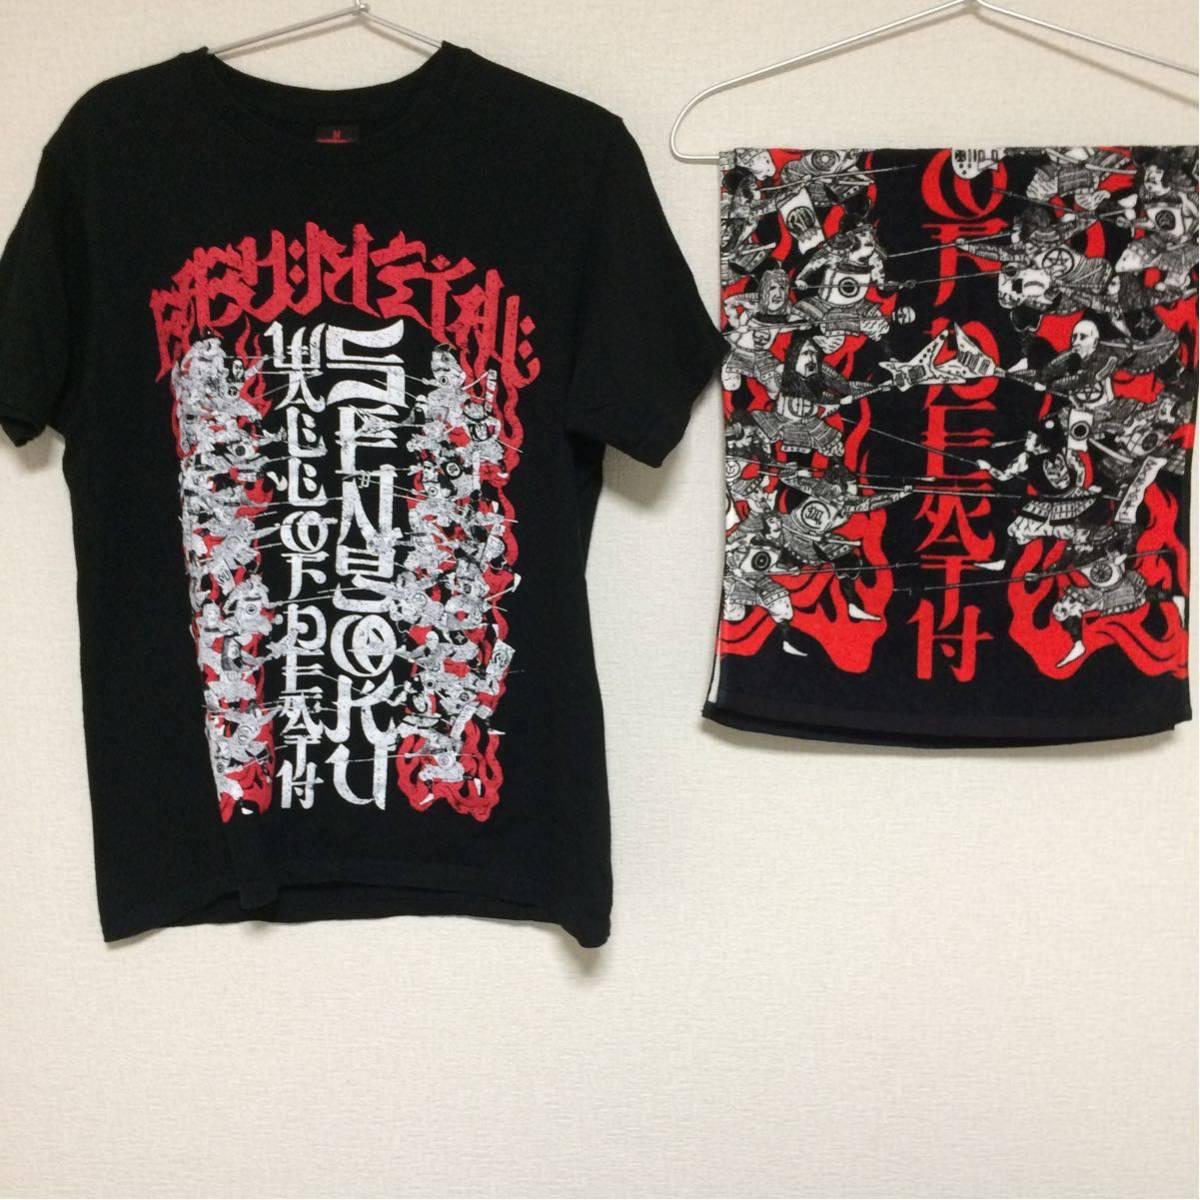 BABYMETAL 2015 戦国WOD Tシャツ Mサイズ&フェイスタオル 使用品